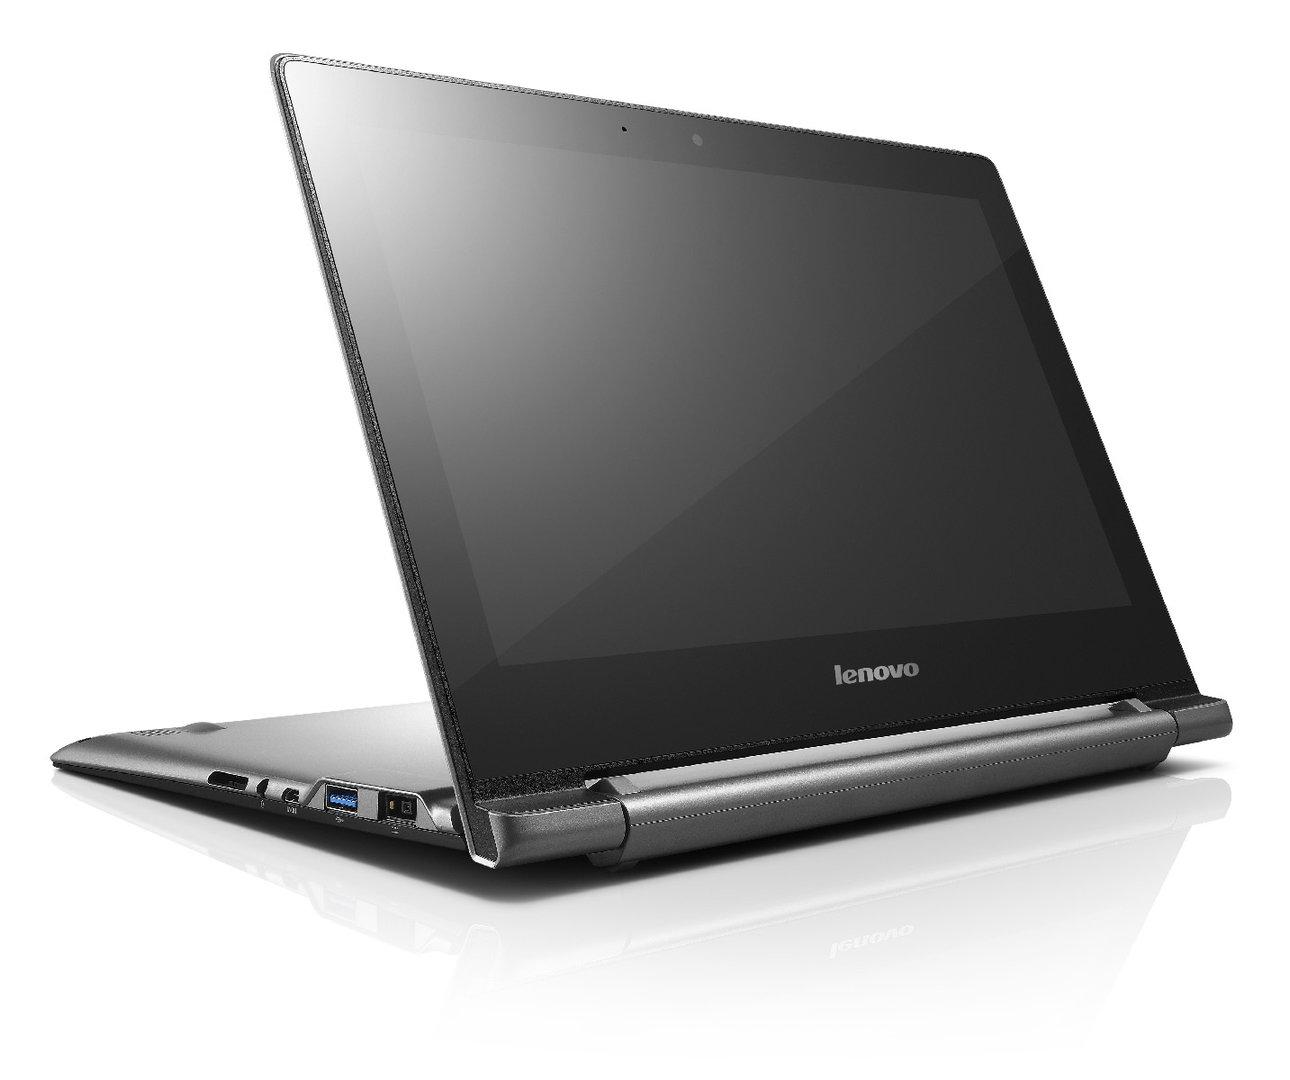 Lenovo N20 Chromebooks